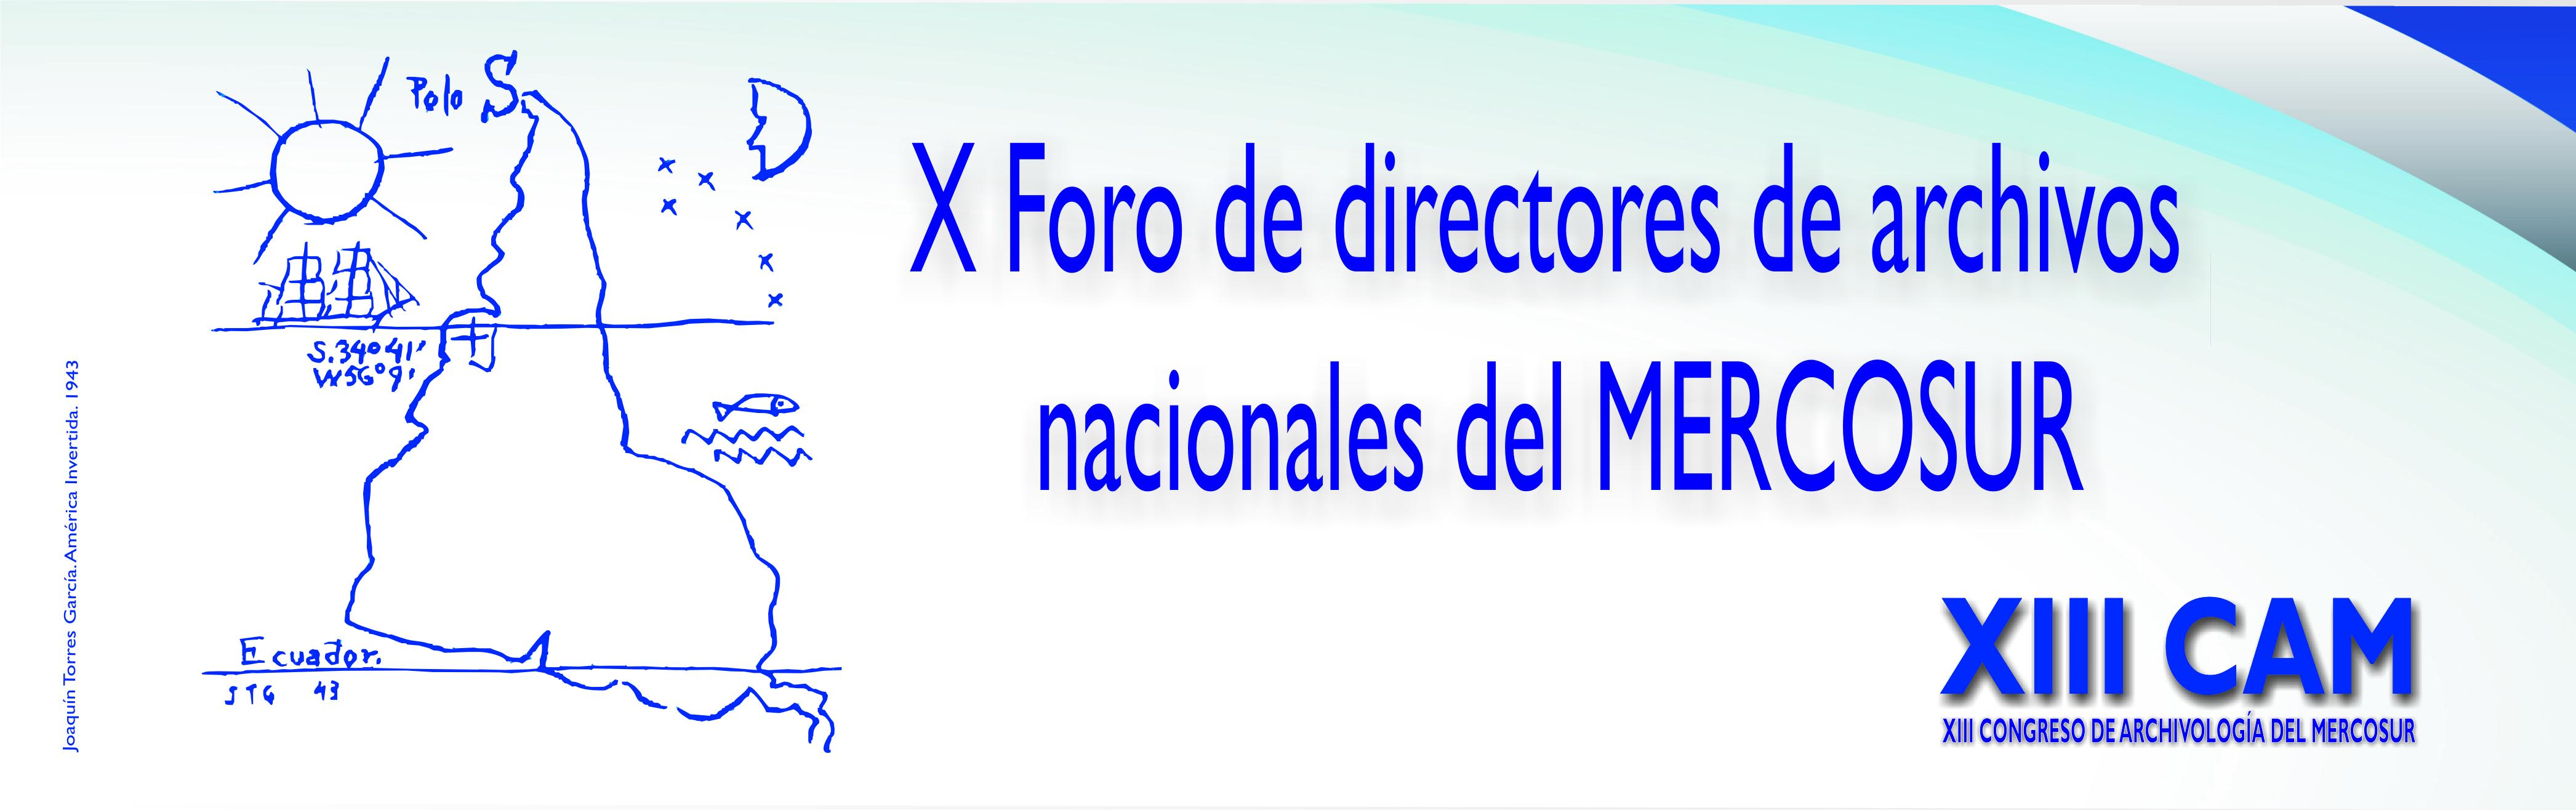 X Foro de directores de archivos nacionales del MERCOSUR